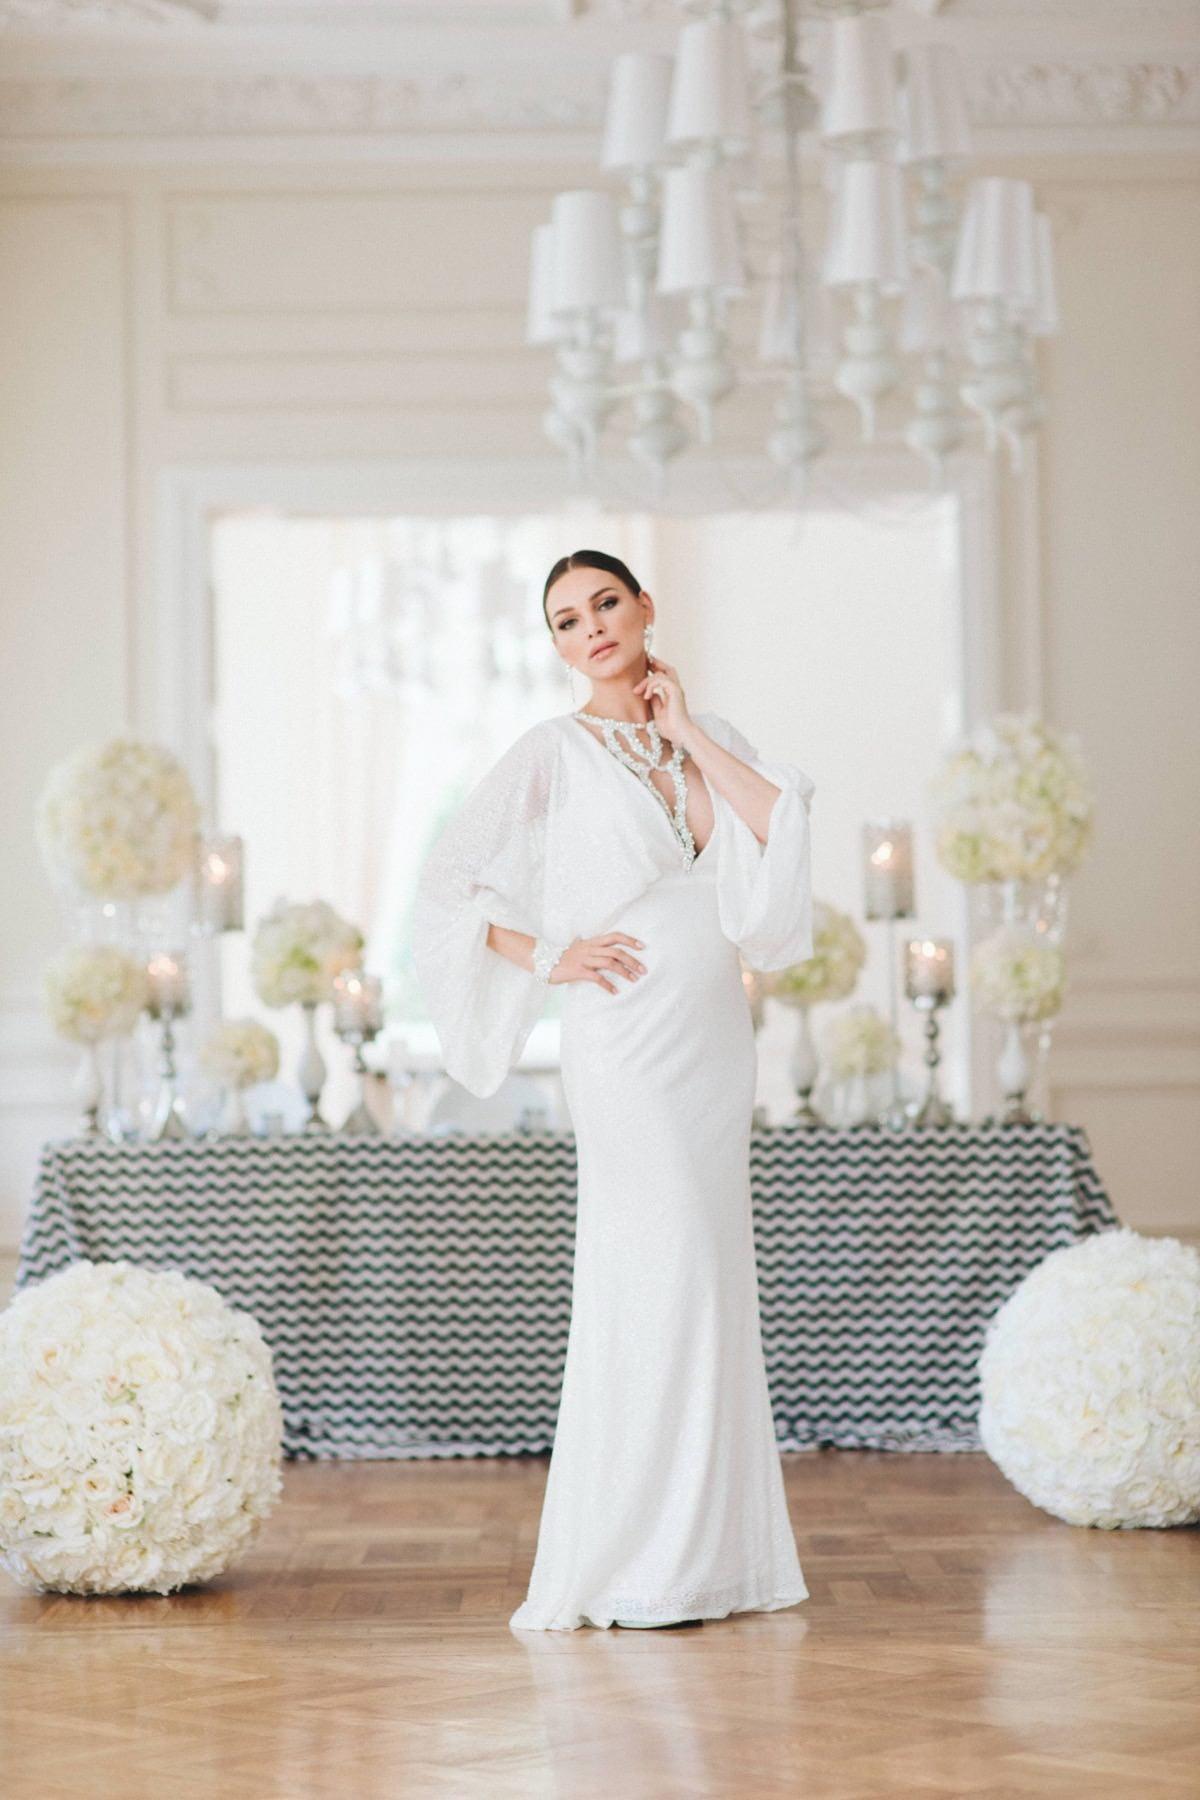 suknia ślubna, moda ślubna, glamour panna młoda